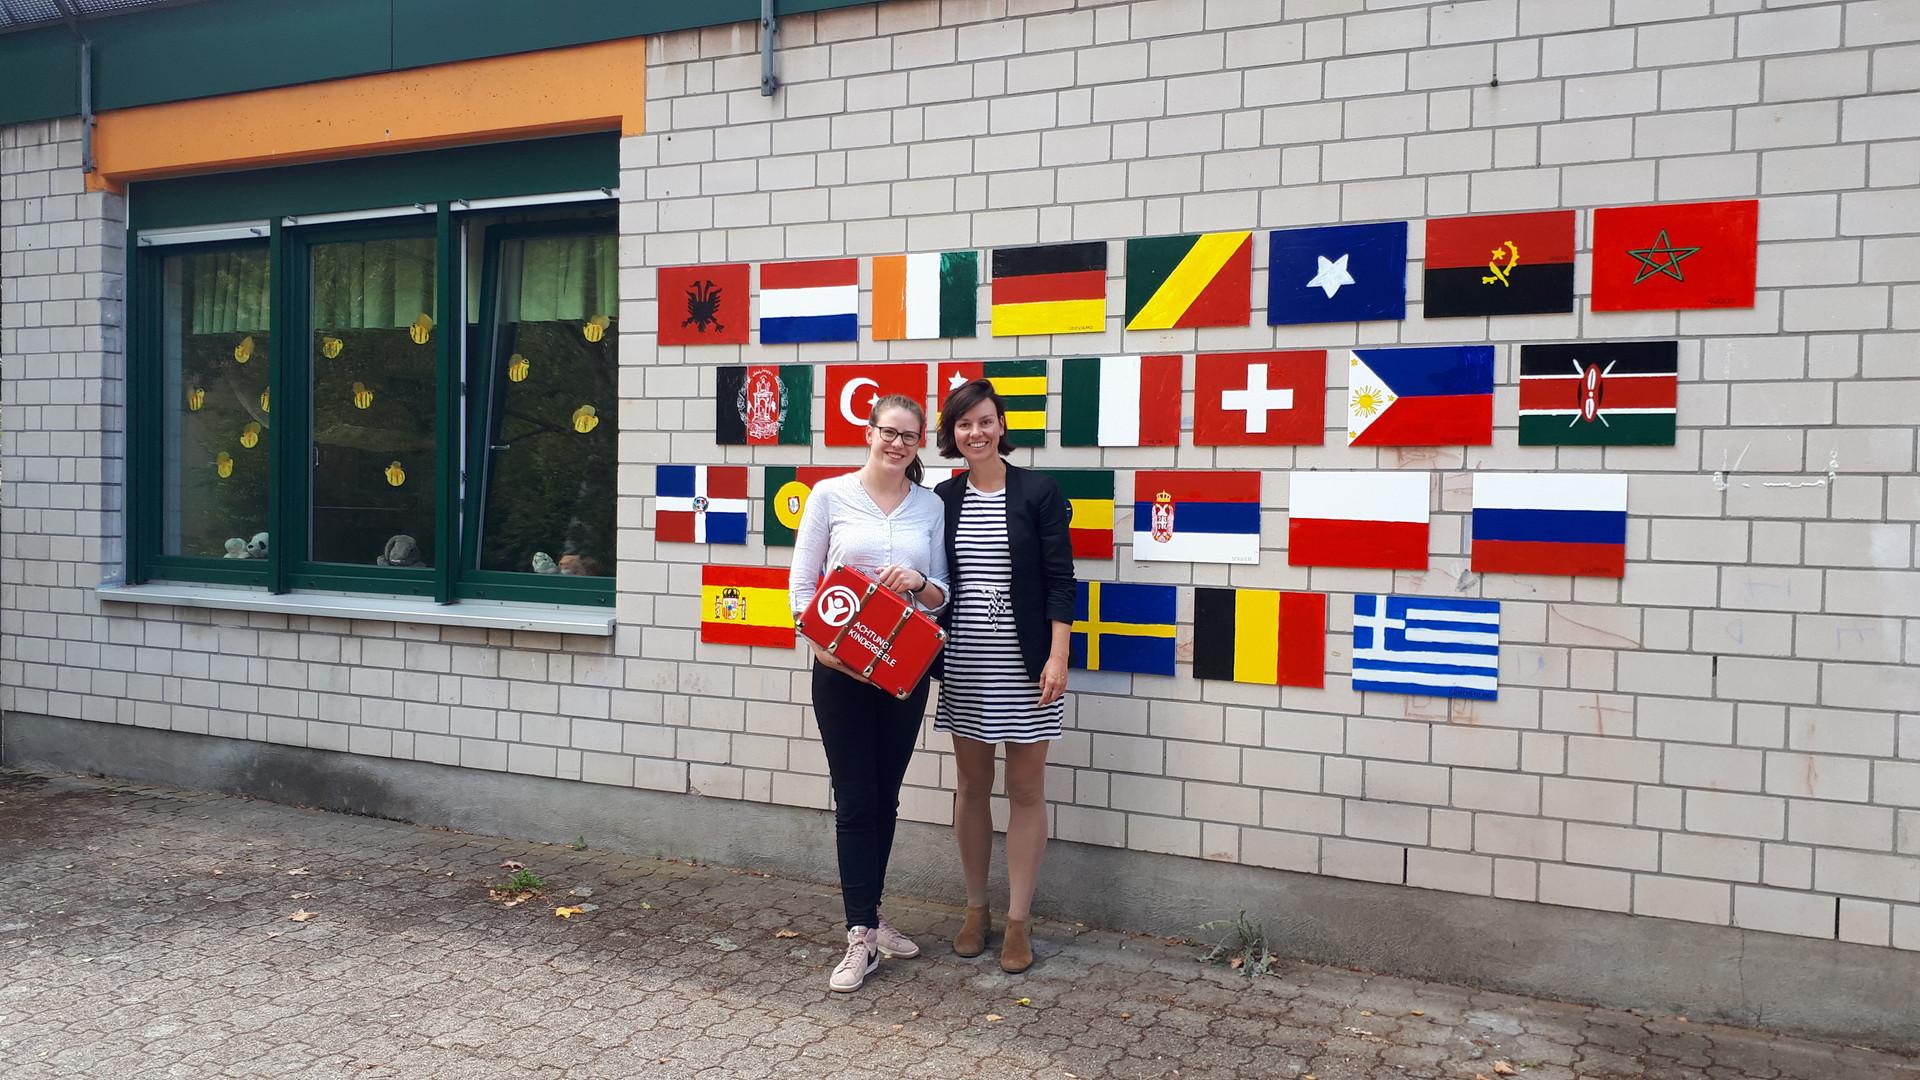 Die Stiftung Achtung!Kinderseele  war in Köln auf einer Trägerveranstaltung